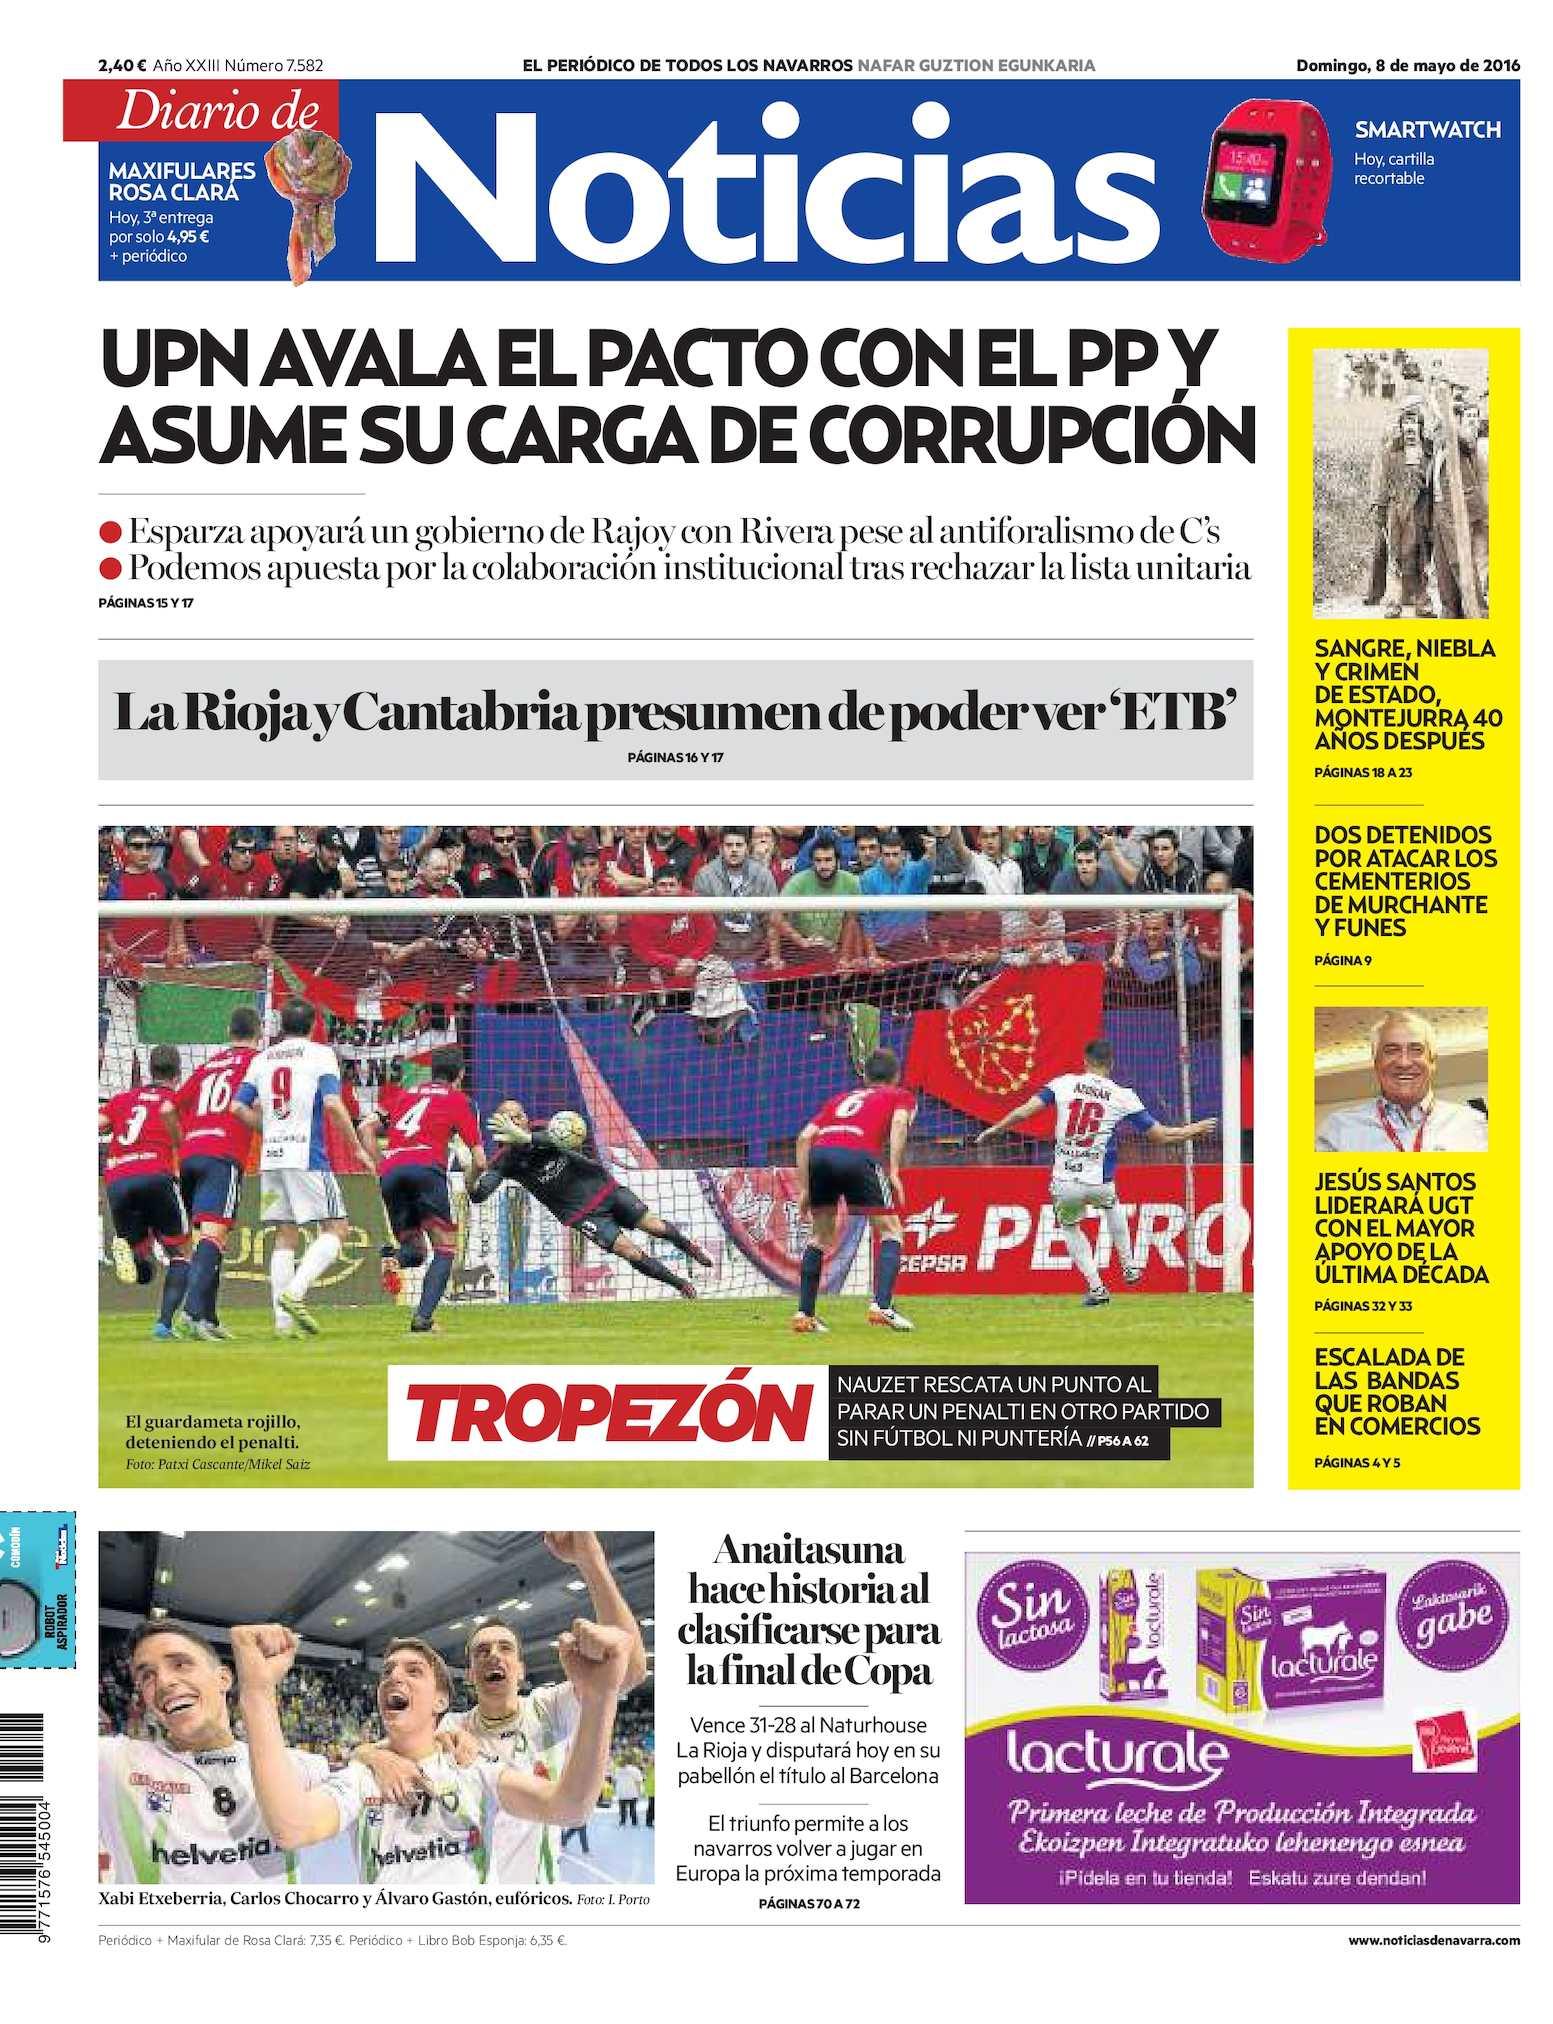 Calaméo - Diario de Noticias 20160508 9887d60b89b